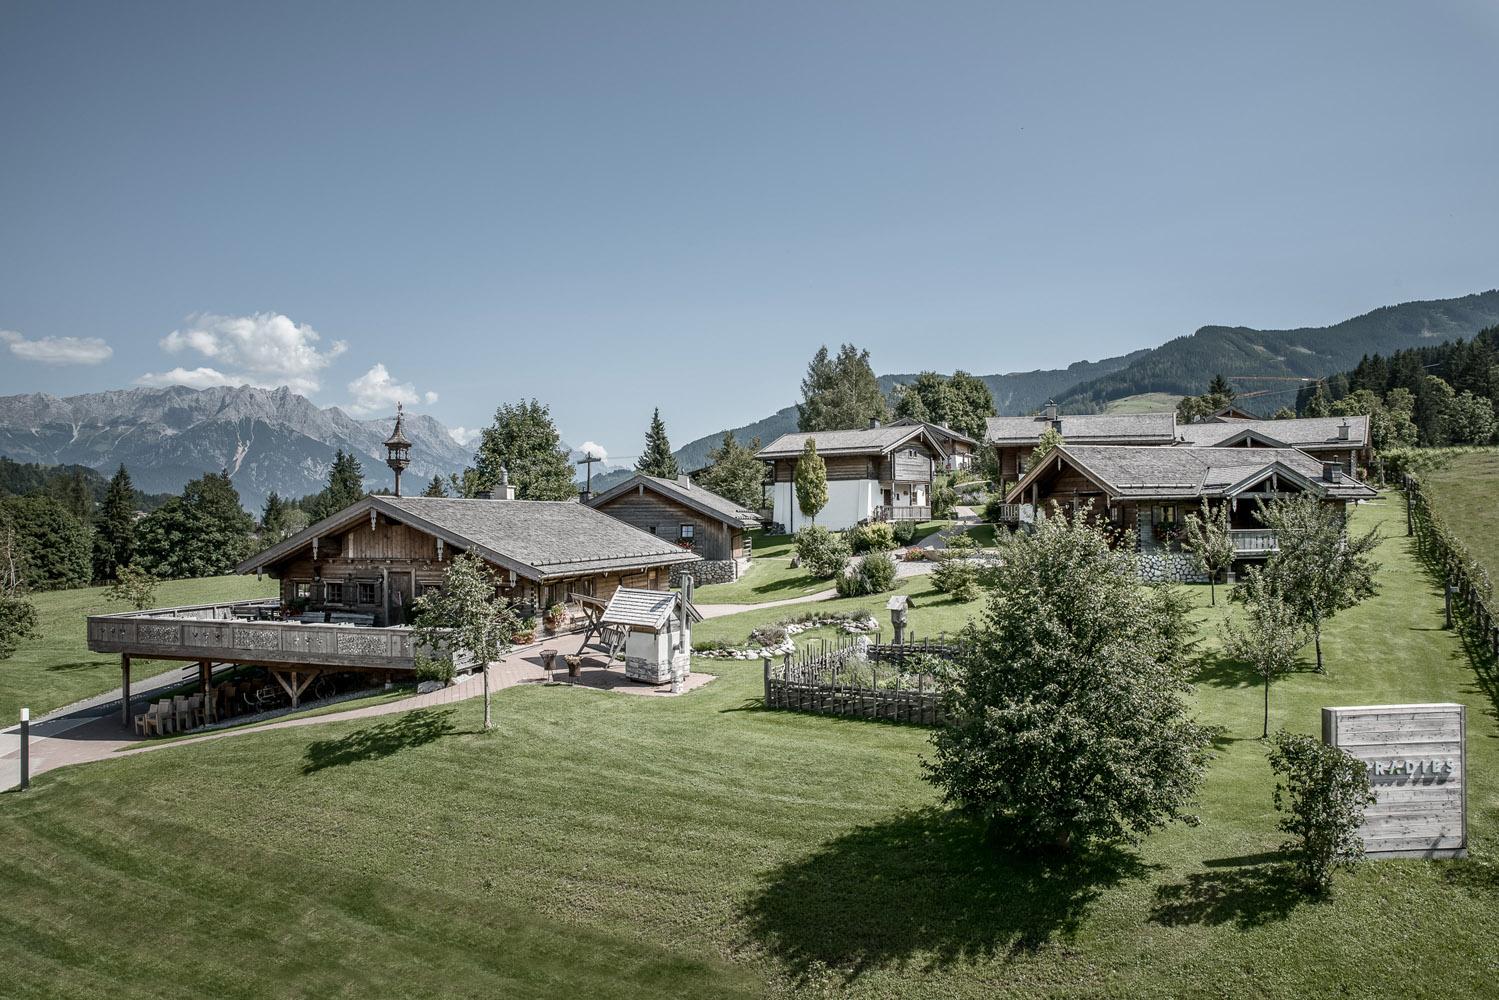 PURADIES Hotel & Chalets | Chaletdorf